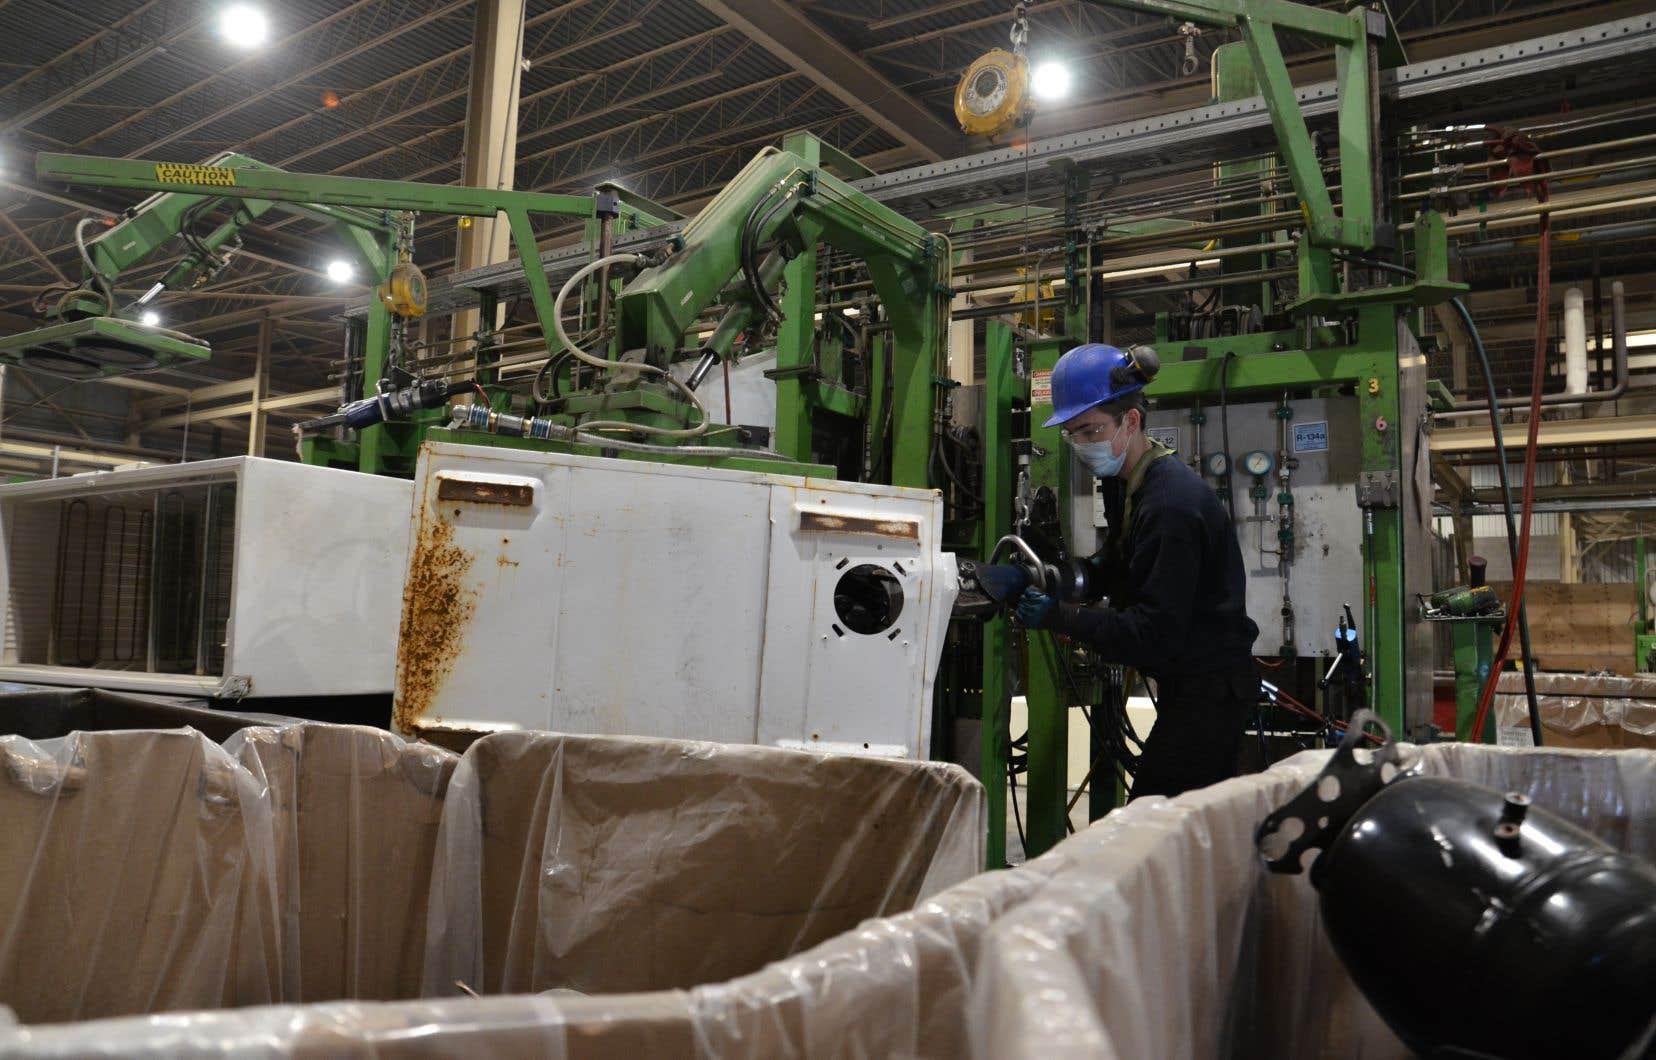 L'usine de  PureSphera,  une  entreprise établie à Bécancour, est la seule au pays à savoir récupérer l'entièreté des halocarbures contenus dans les appareils réfrigérés.